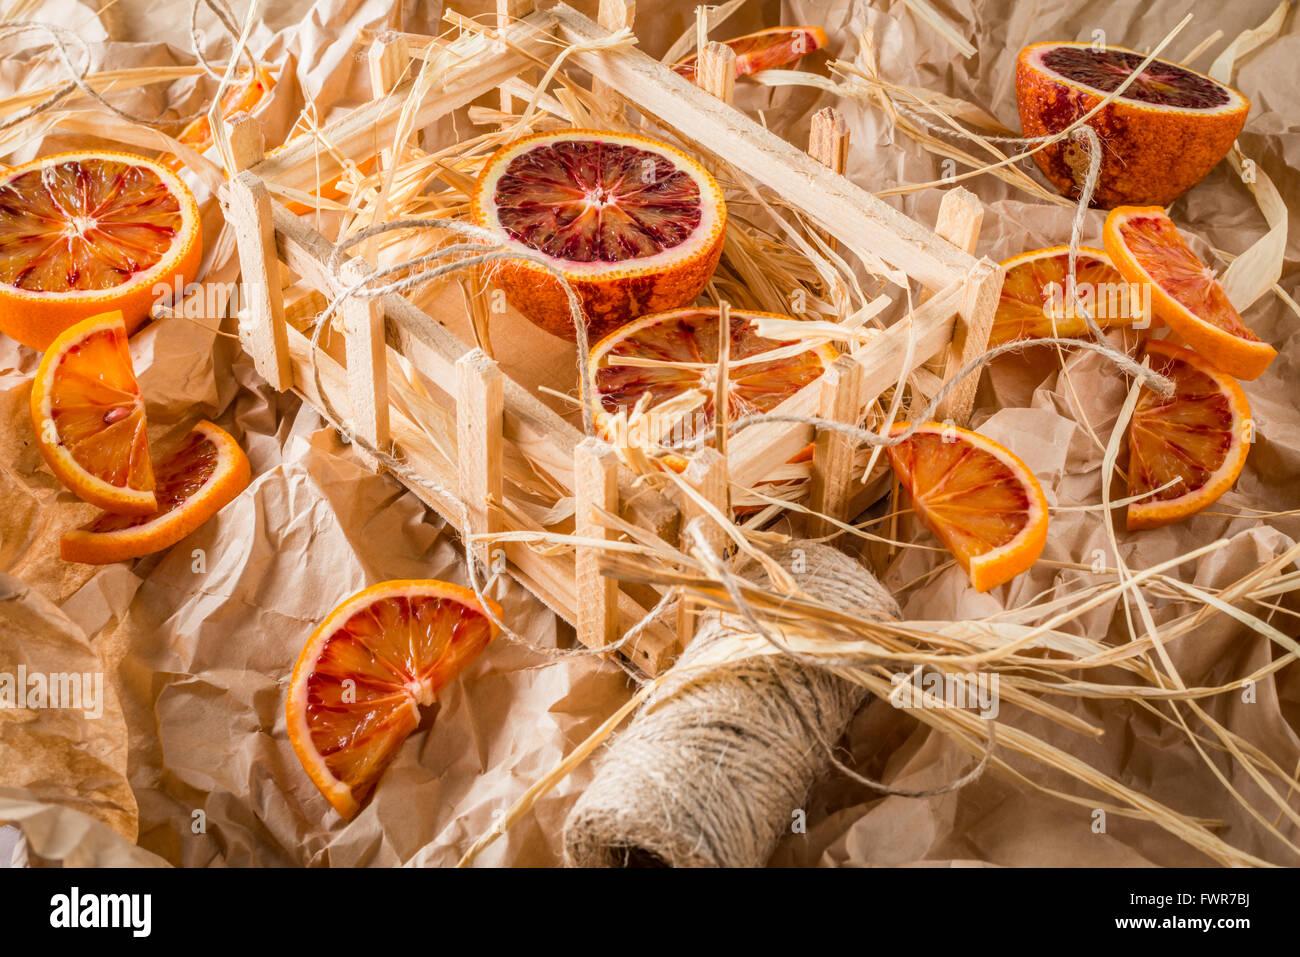 Las naranjas de sangre en papel de envolver con cadena Imagen De Stock